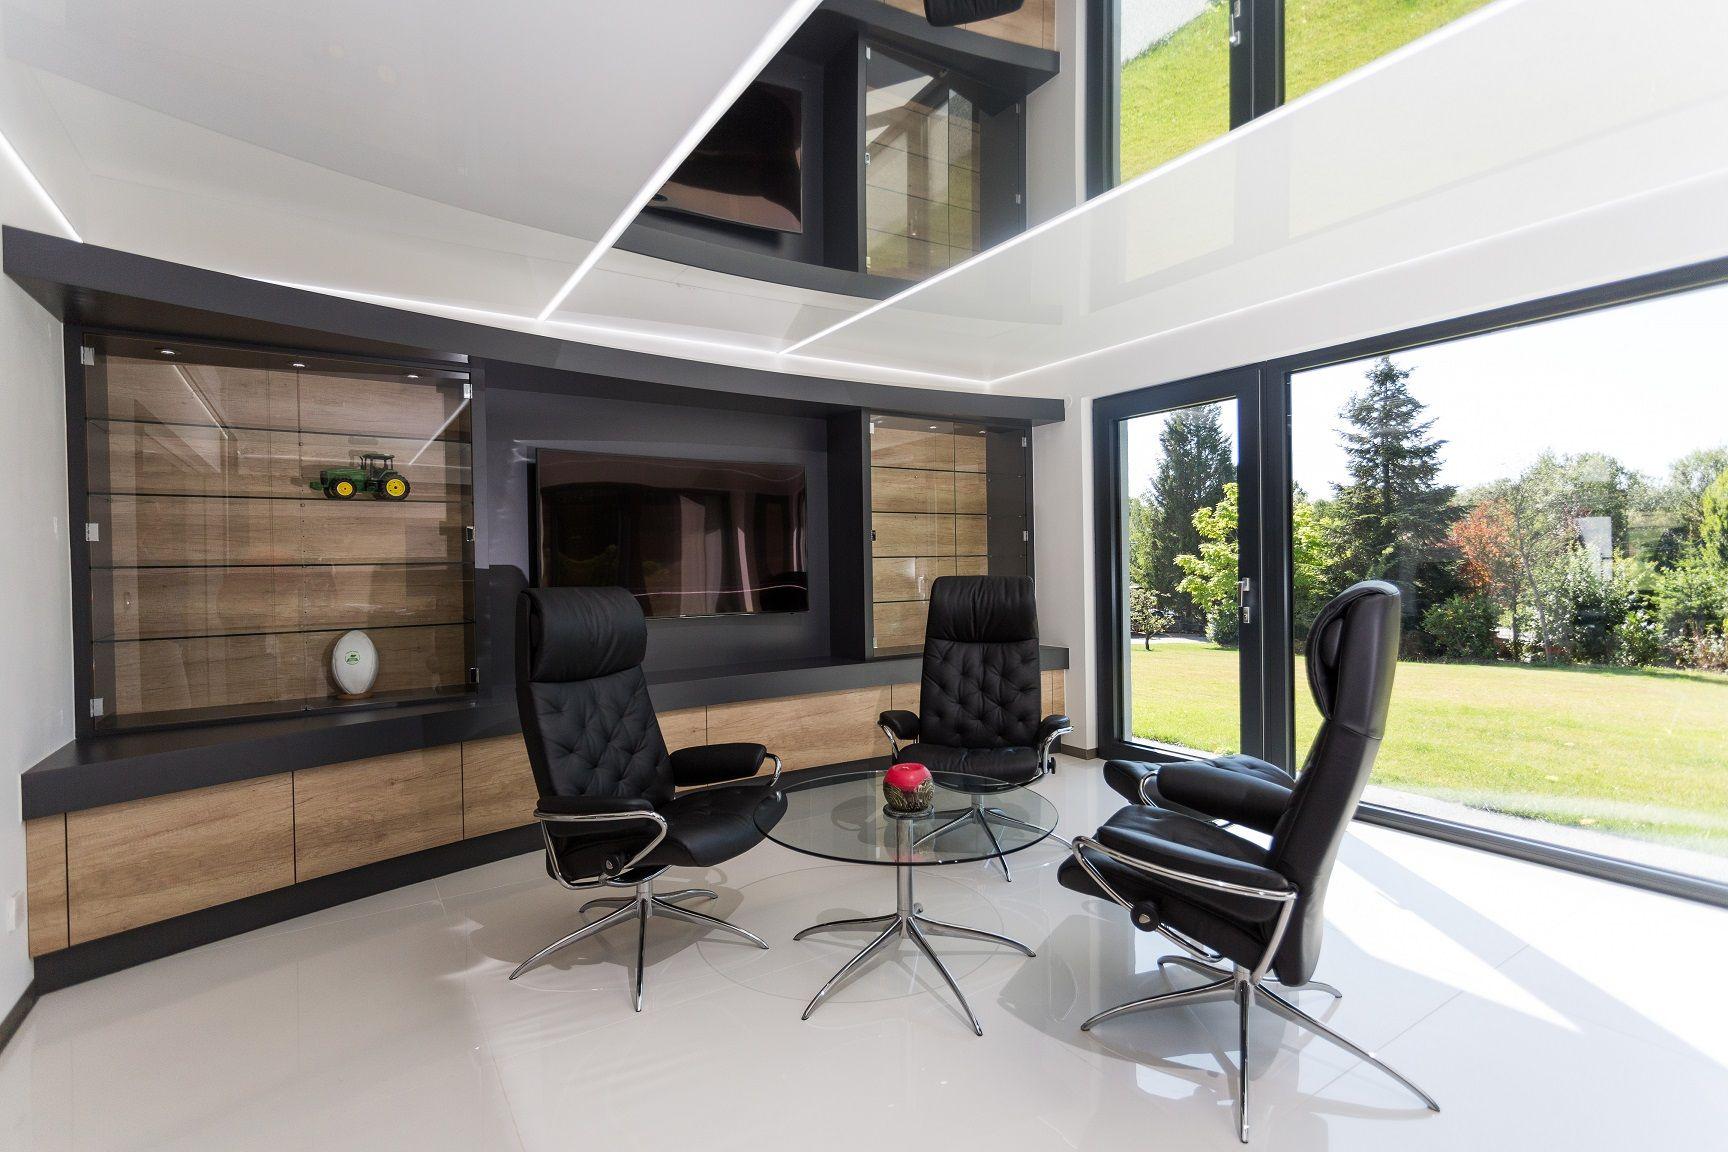 Bureau et baie vitrée extension spa de rêve en ossature bois à